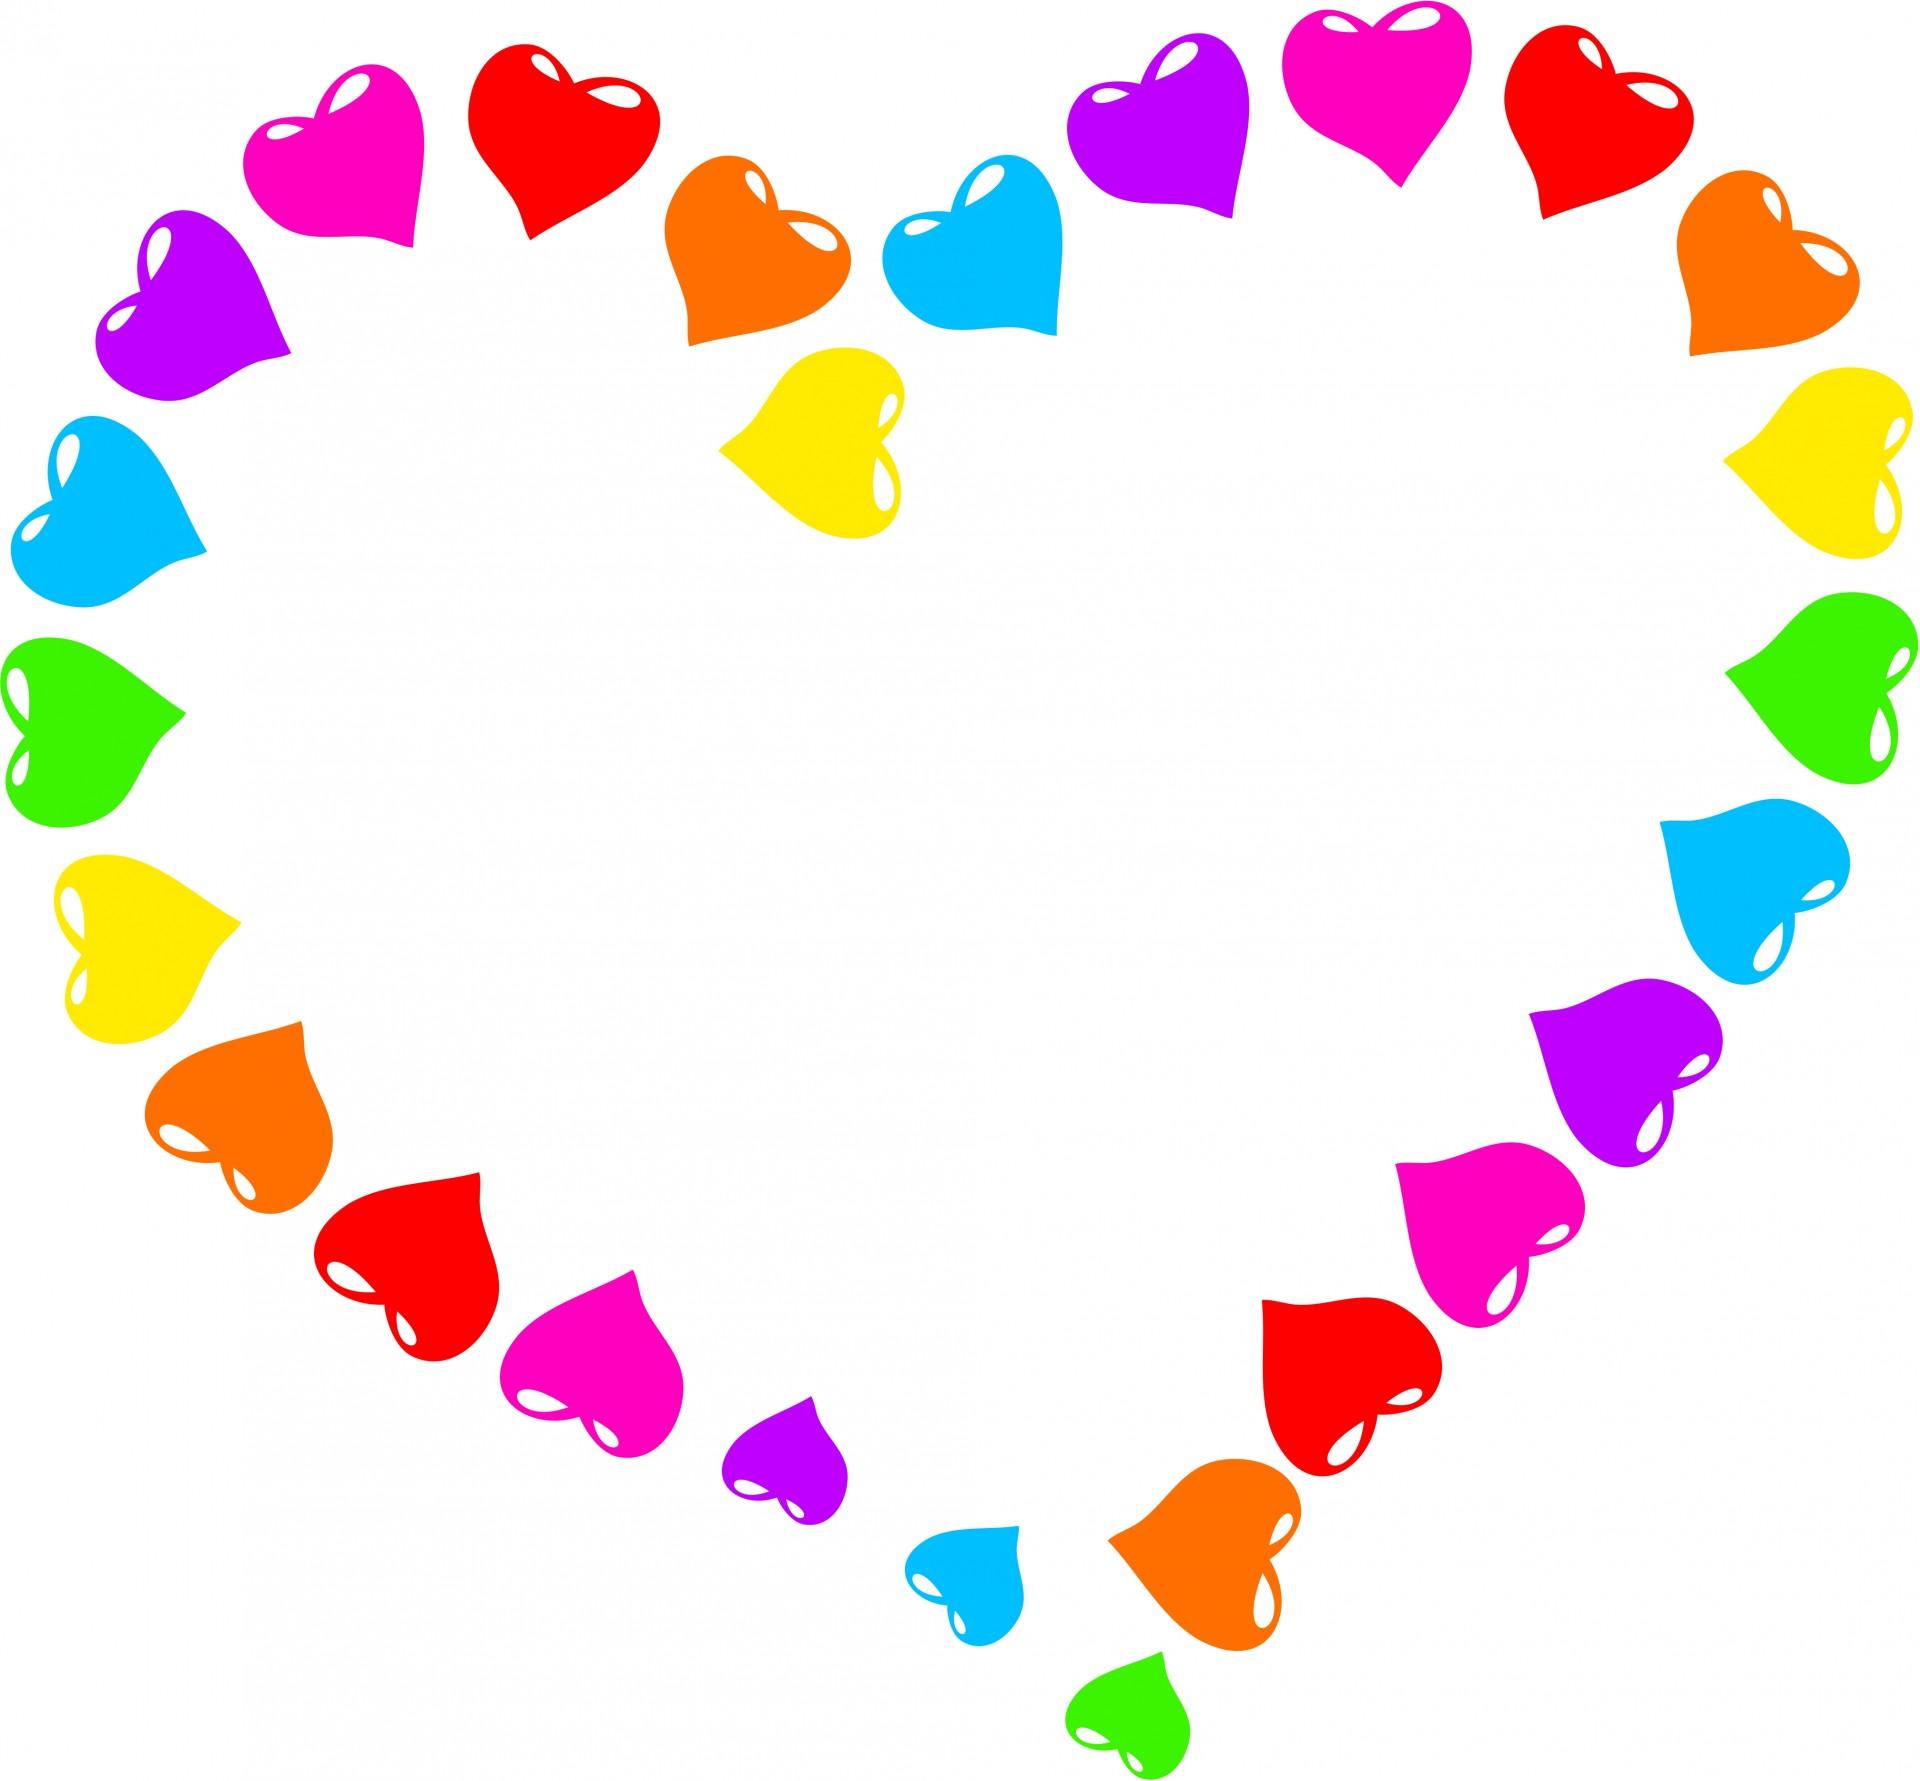 Rainbow heart free stock. Hearts clipart